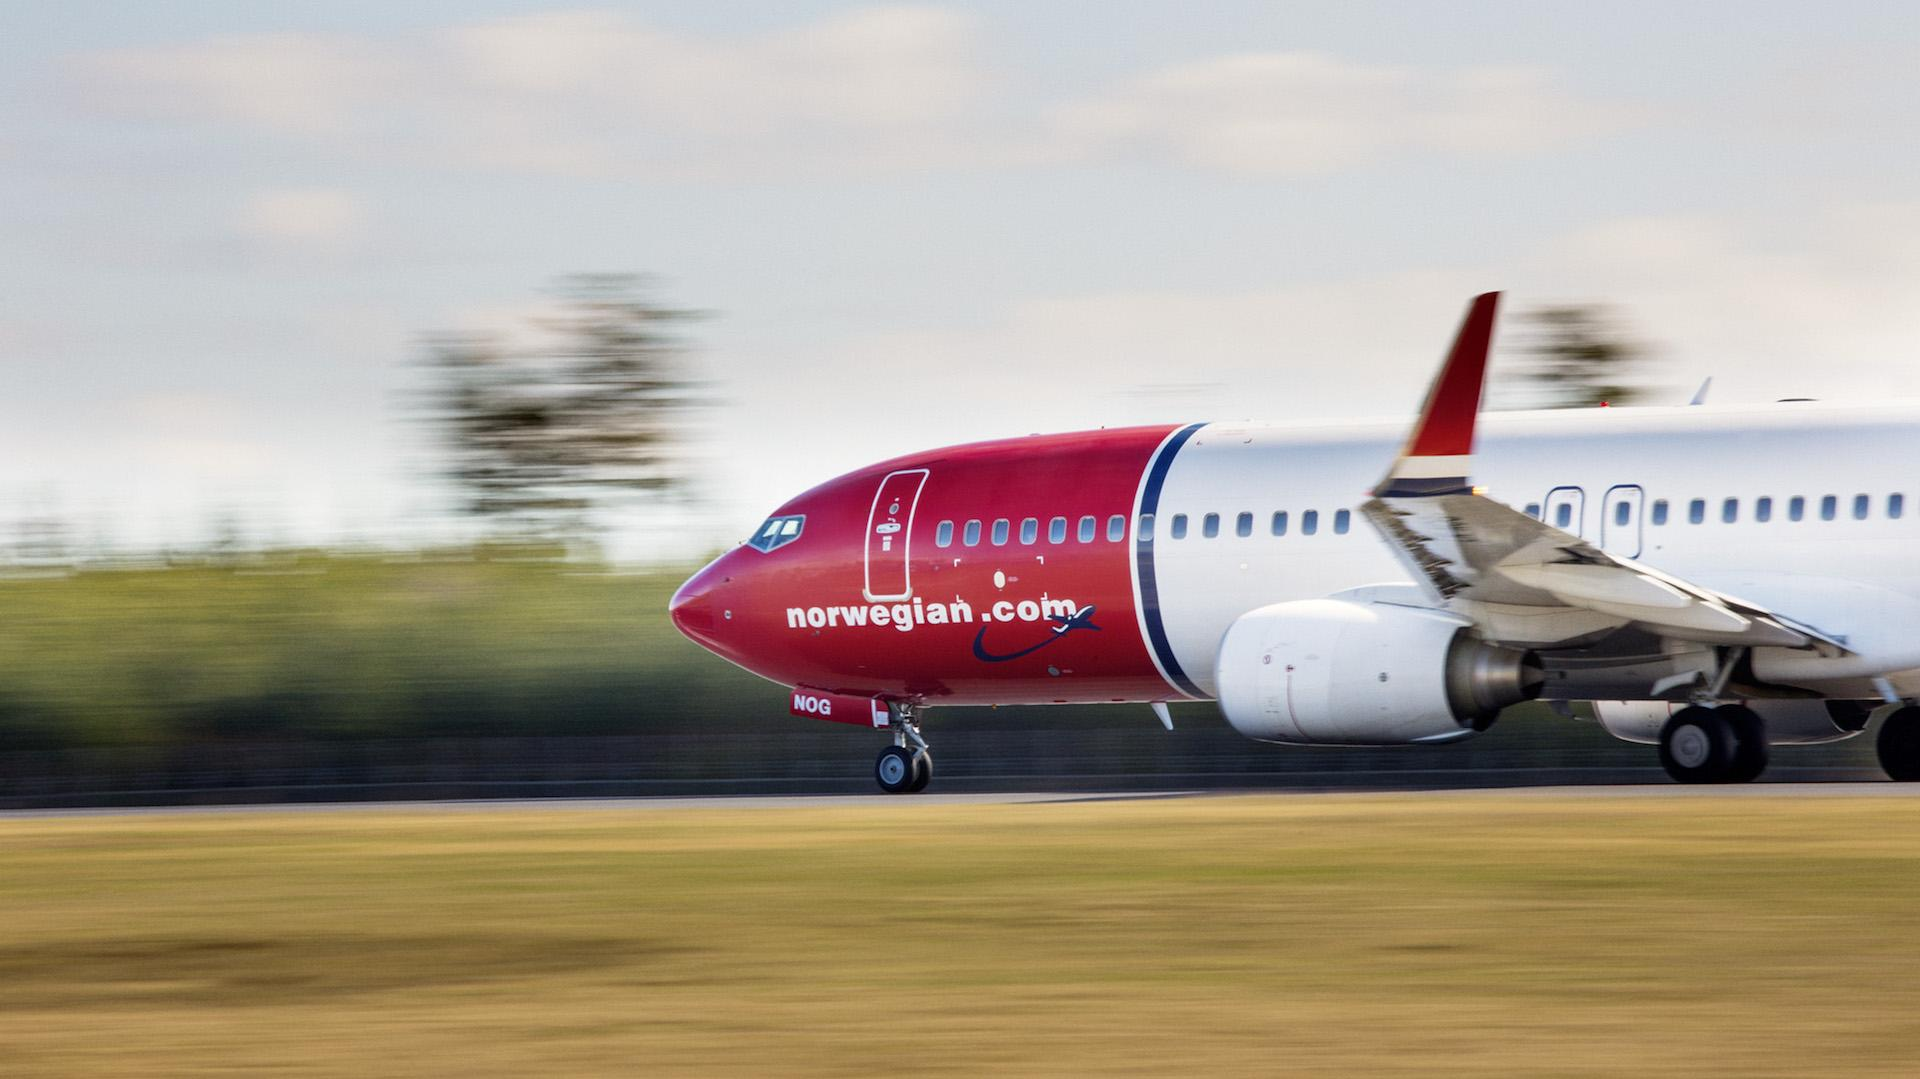 Comienza la venta de pasajes de la low-cost Norwegian Argentina